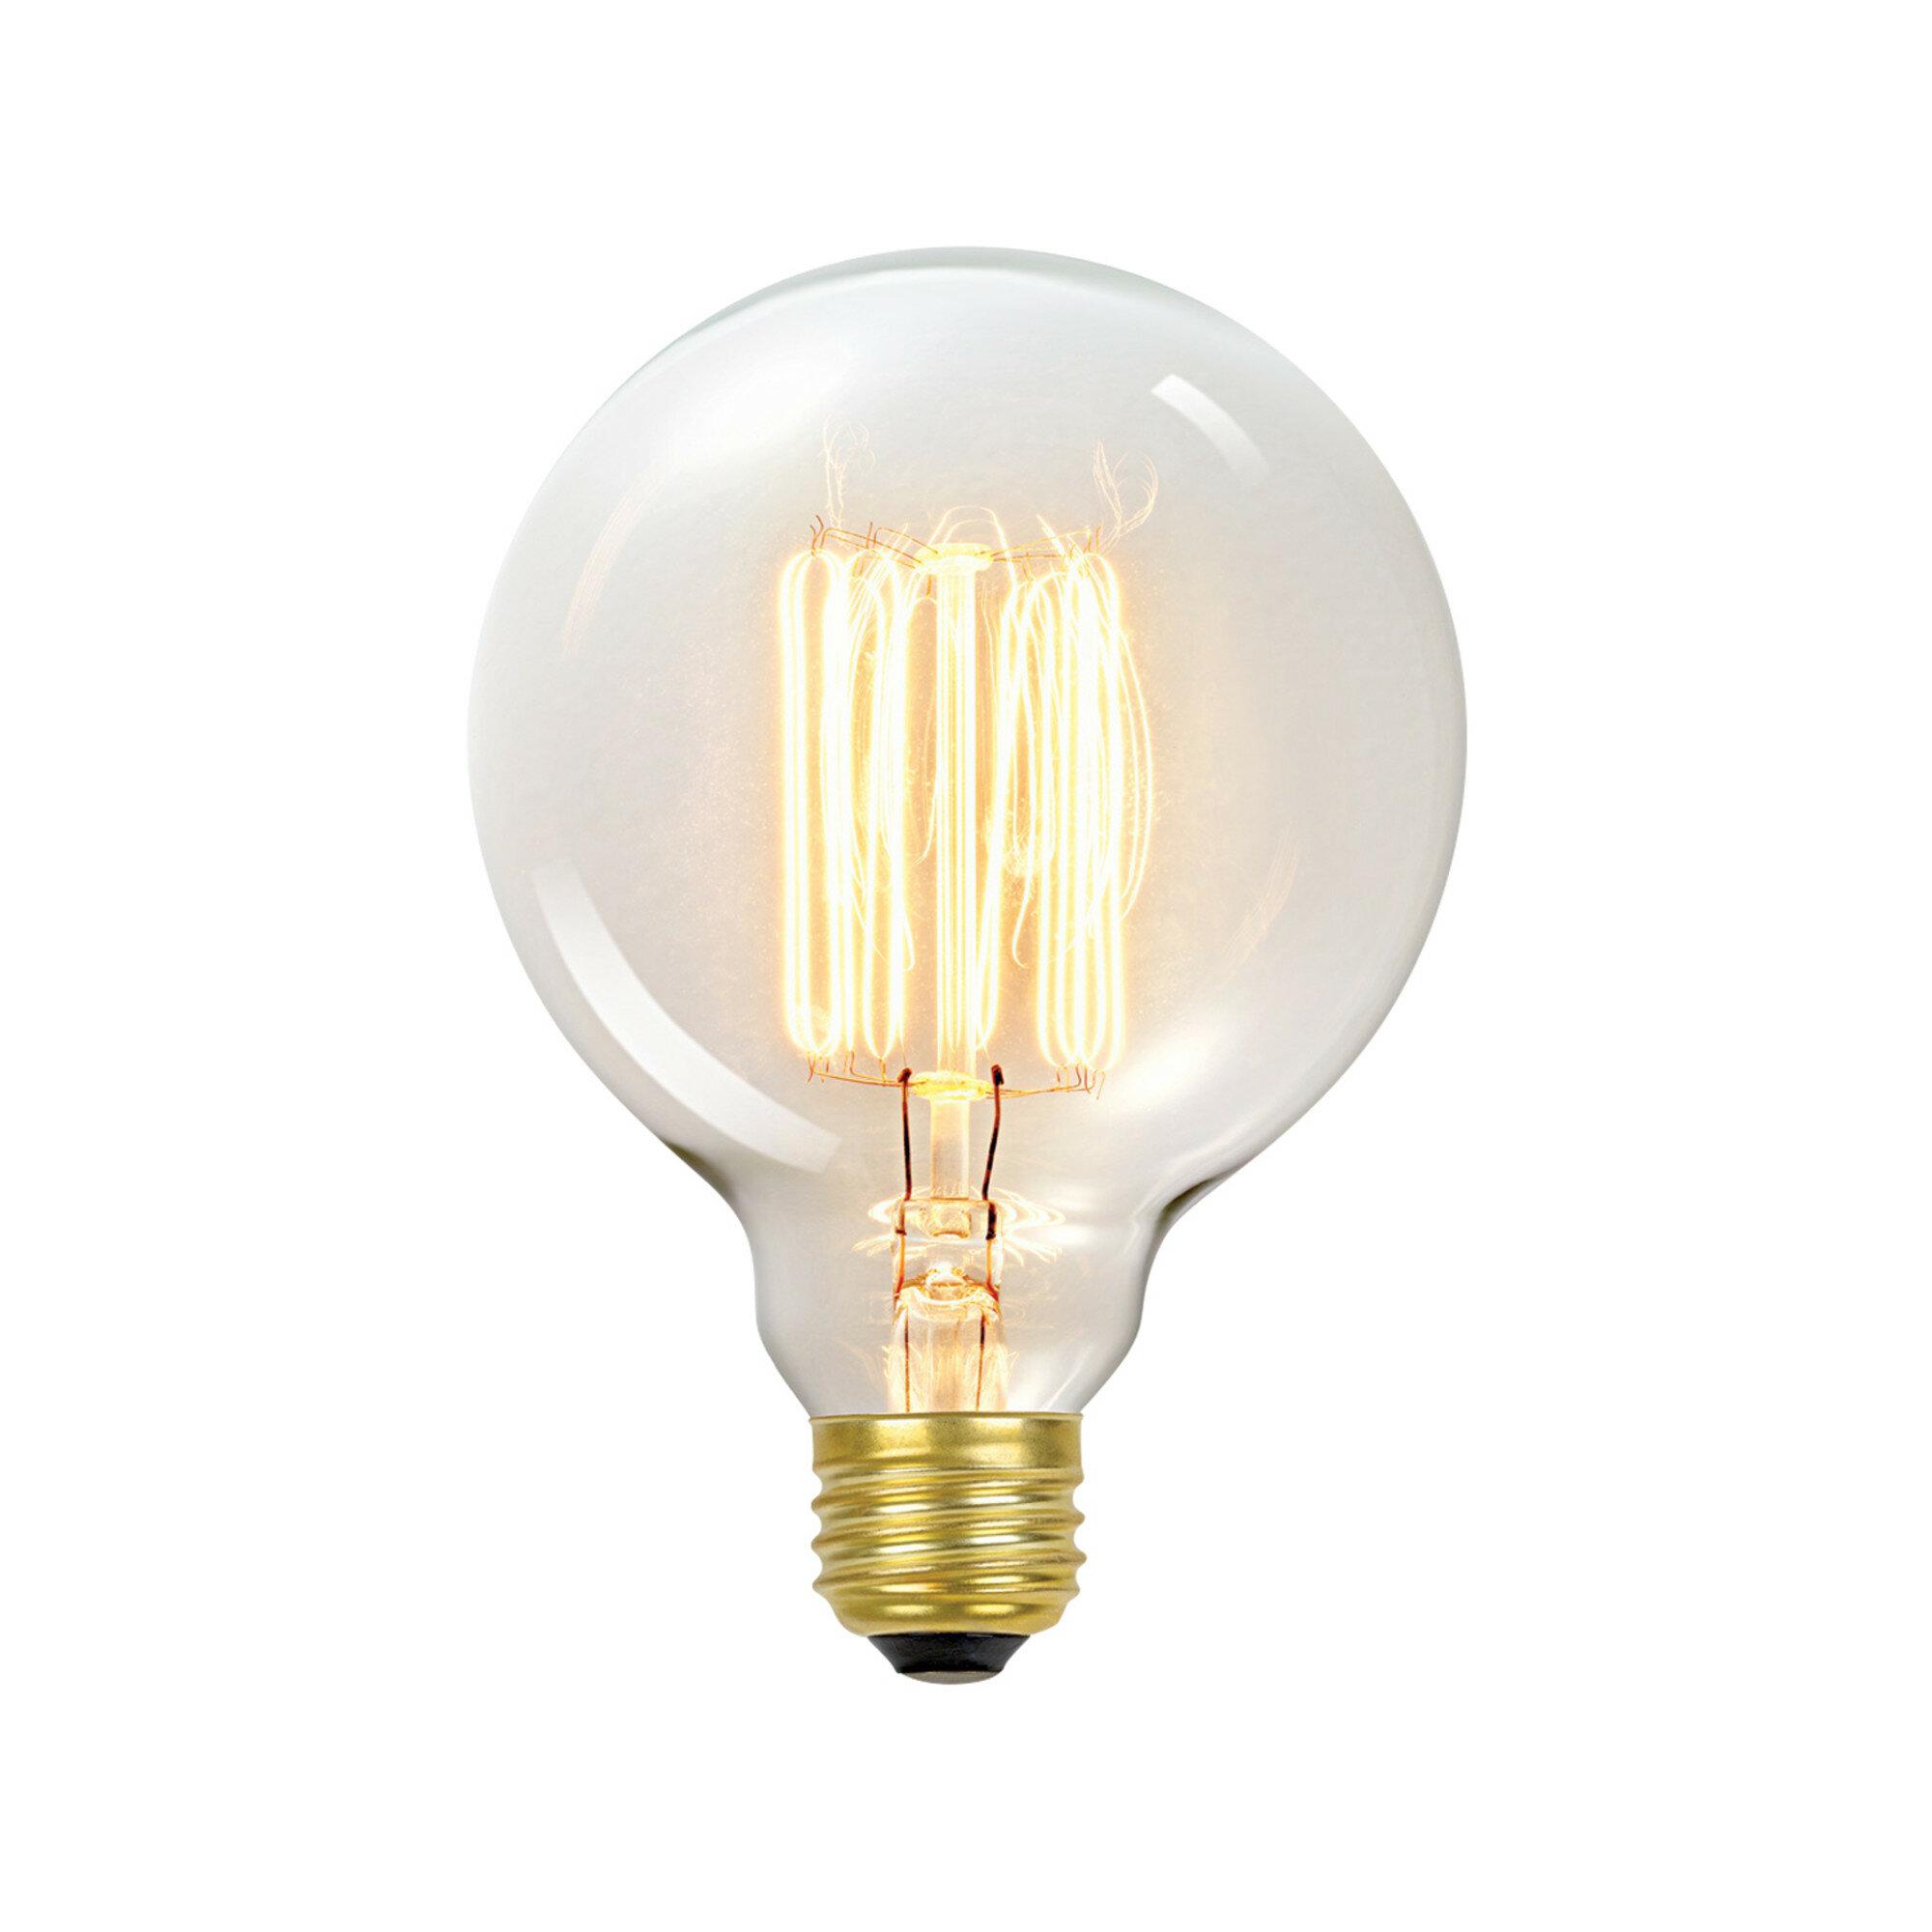 60 Watt G30 Incandescent Dimmable Light Bulb Warm White 2700k E26 Medium Standard Base Joss Main